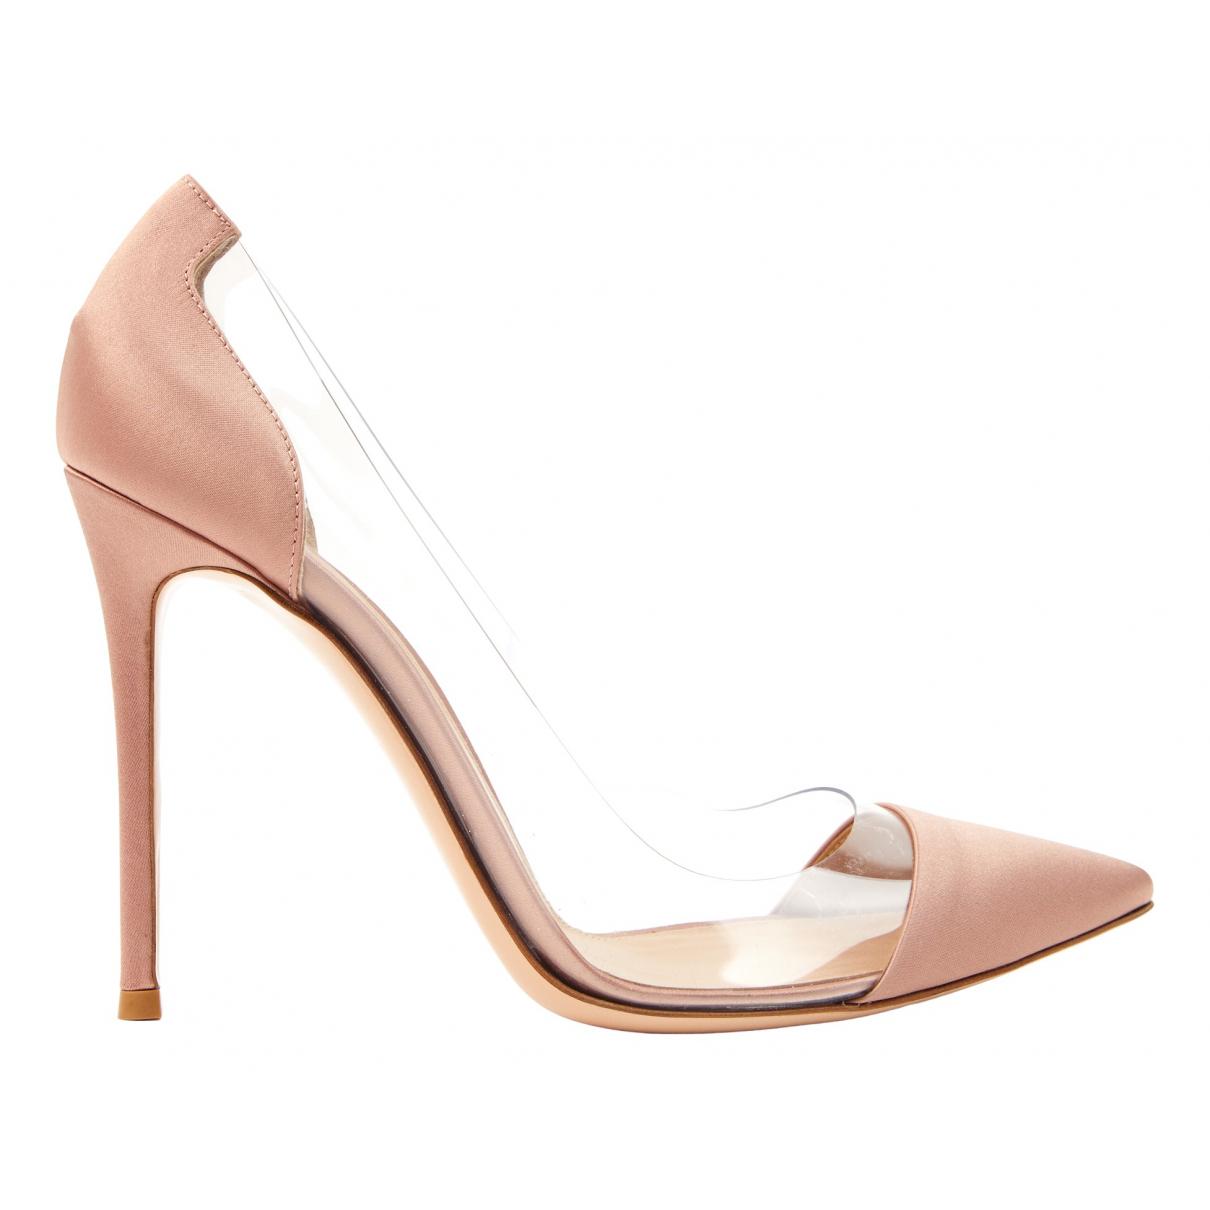 Gianvito Rossi Plexi Pink Cloth Heels for Women 41 EU